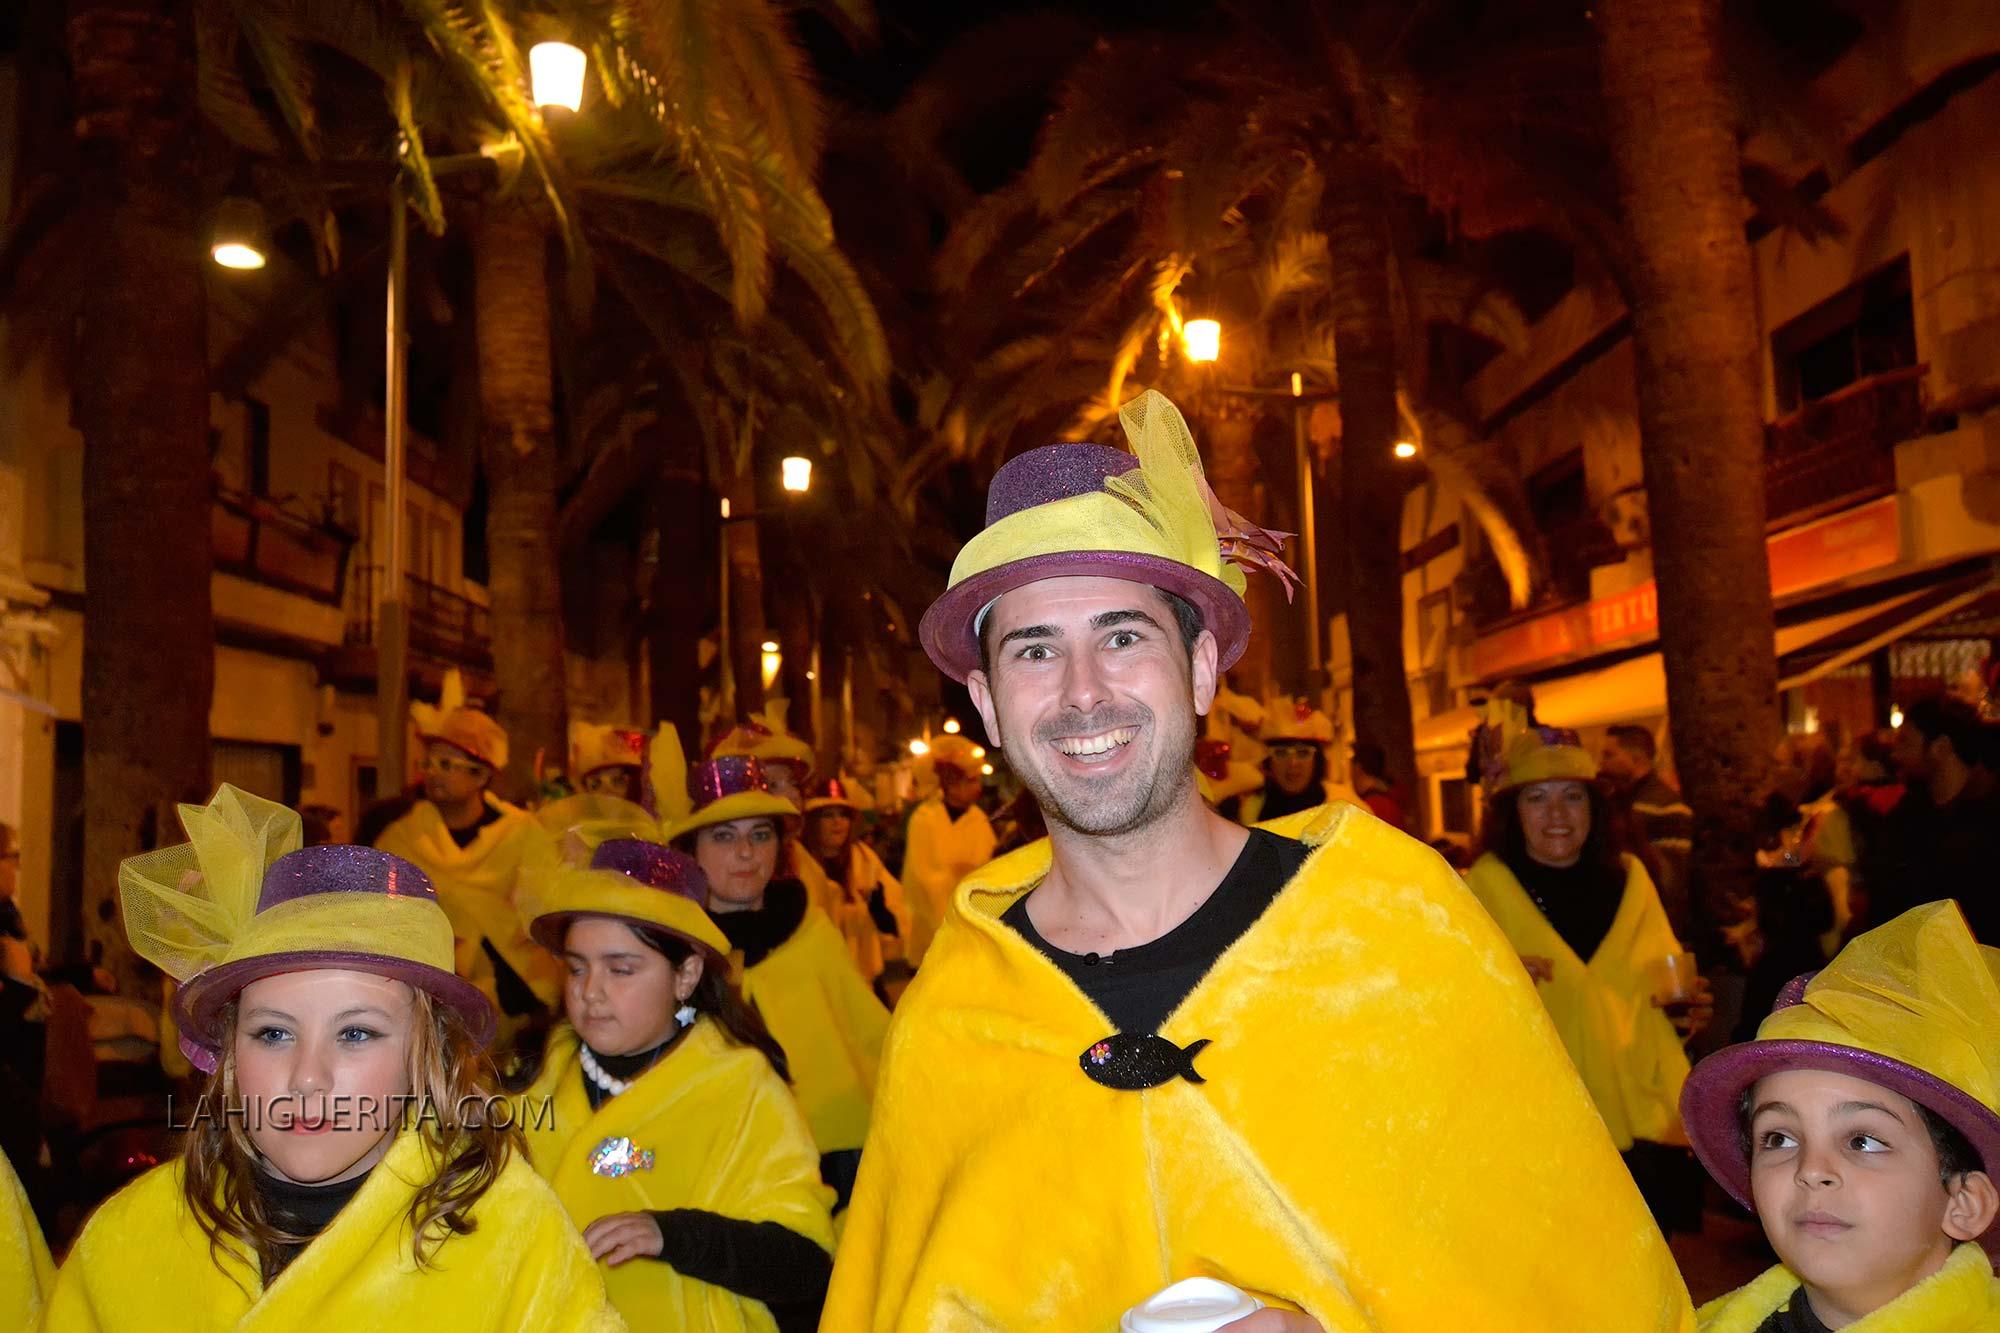 Entierro de la sardina carnaval isla cristina _DSC2029